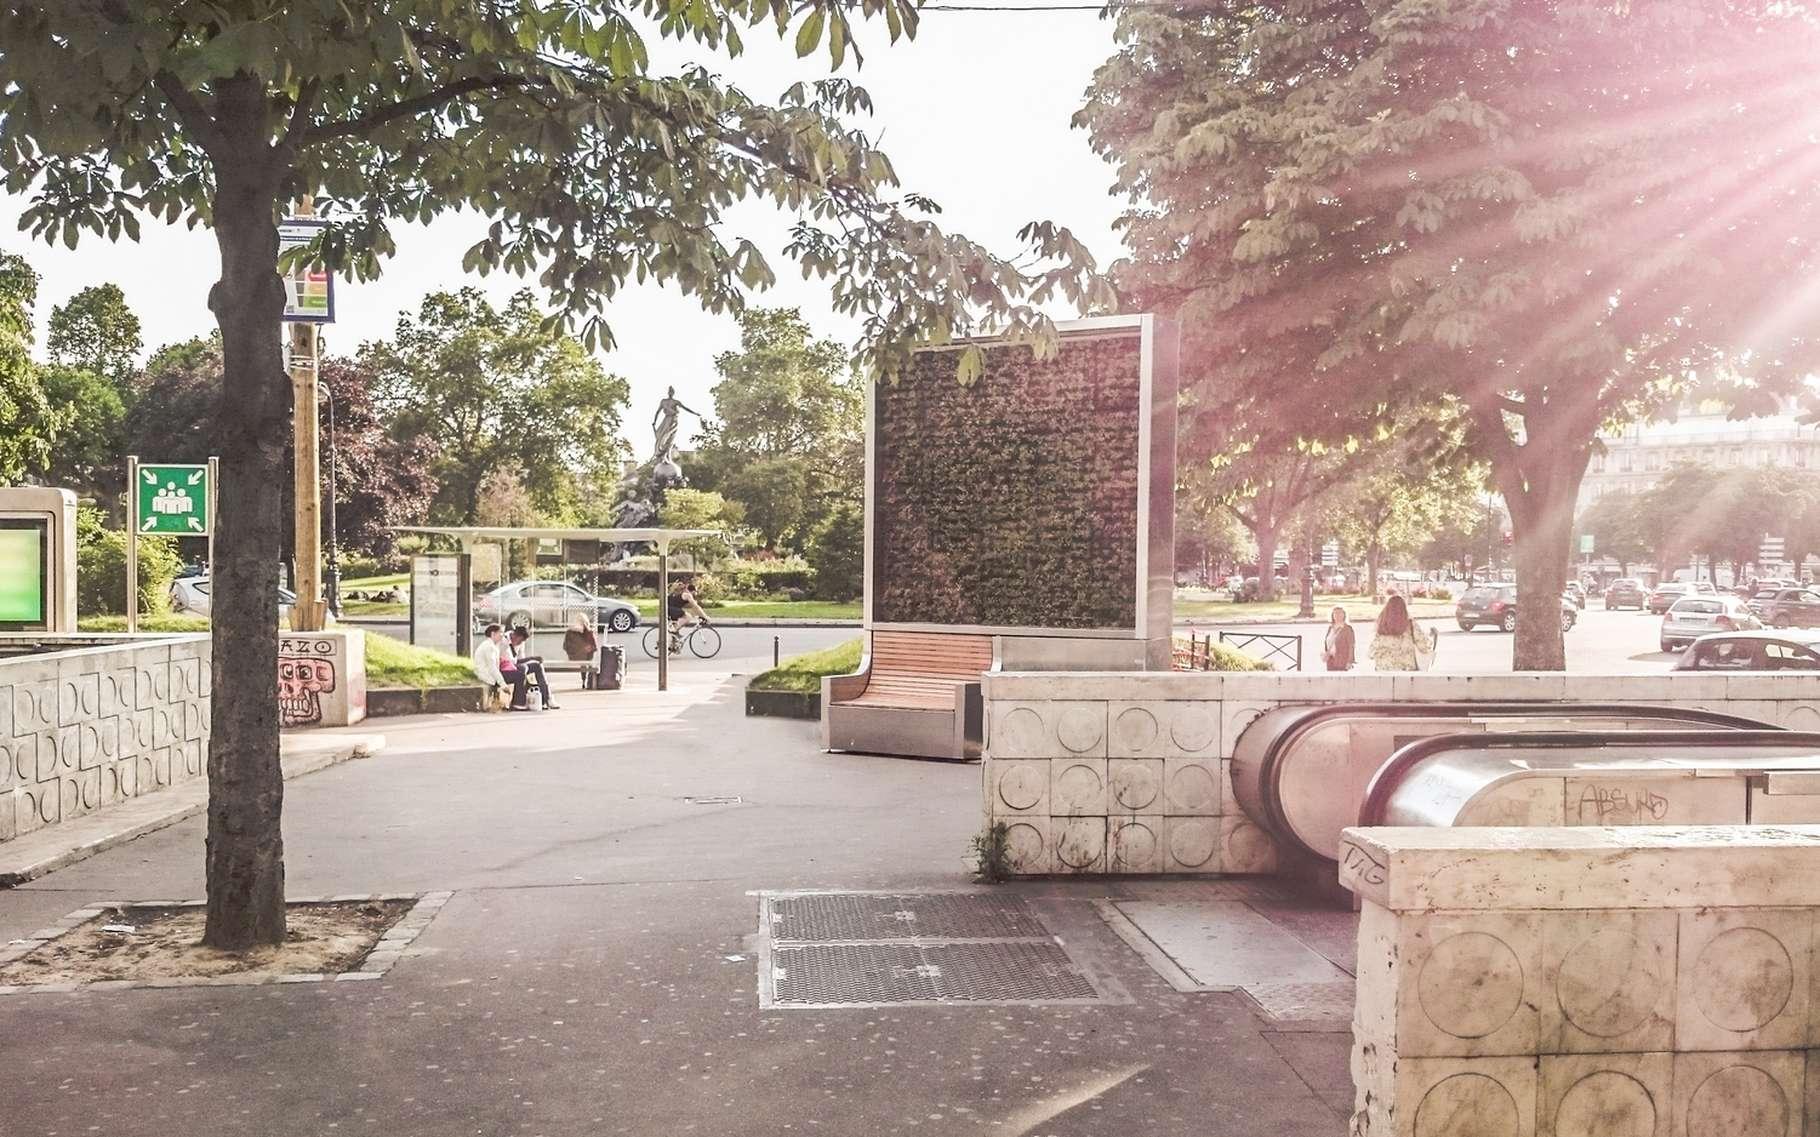 À la sortie du métro place de la Nation, on peut découvrir l'un des trois City Tree installés par la mairie de Paris. Ces murs végétalisés à base de mousse naturelle filtrent les gaz à effet de serre dans un rayon de 50 mètres et refroidissent l'air. © Green City Solutions